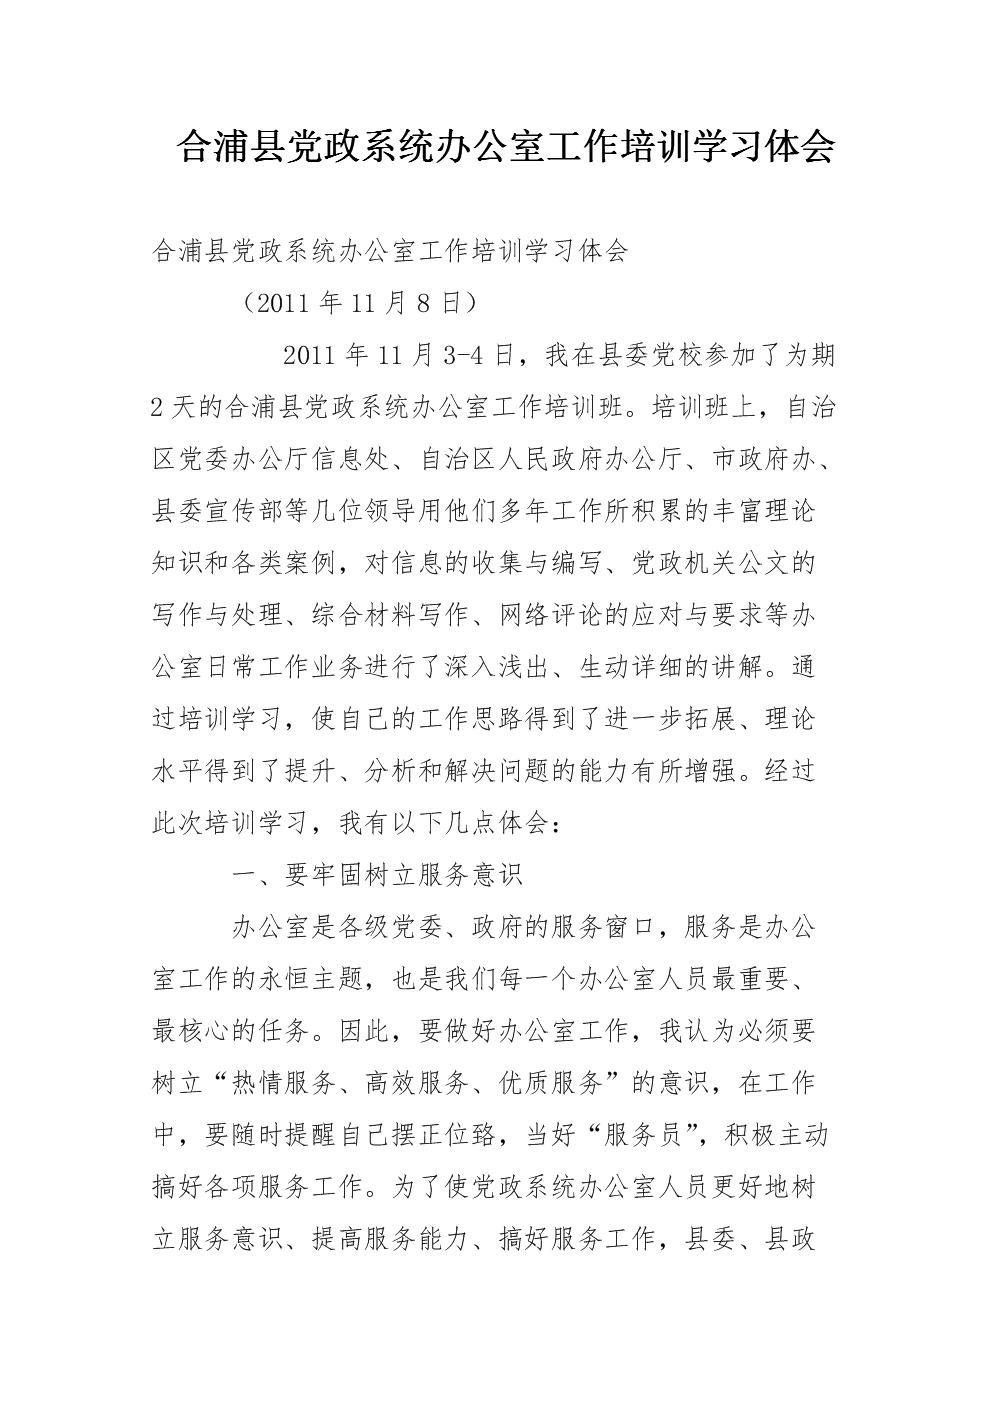 合浦县党政系统办公室工作培训学习体会.doc